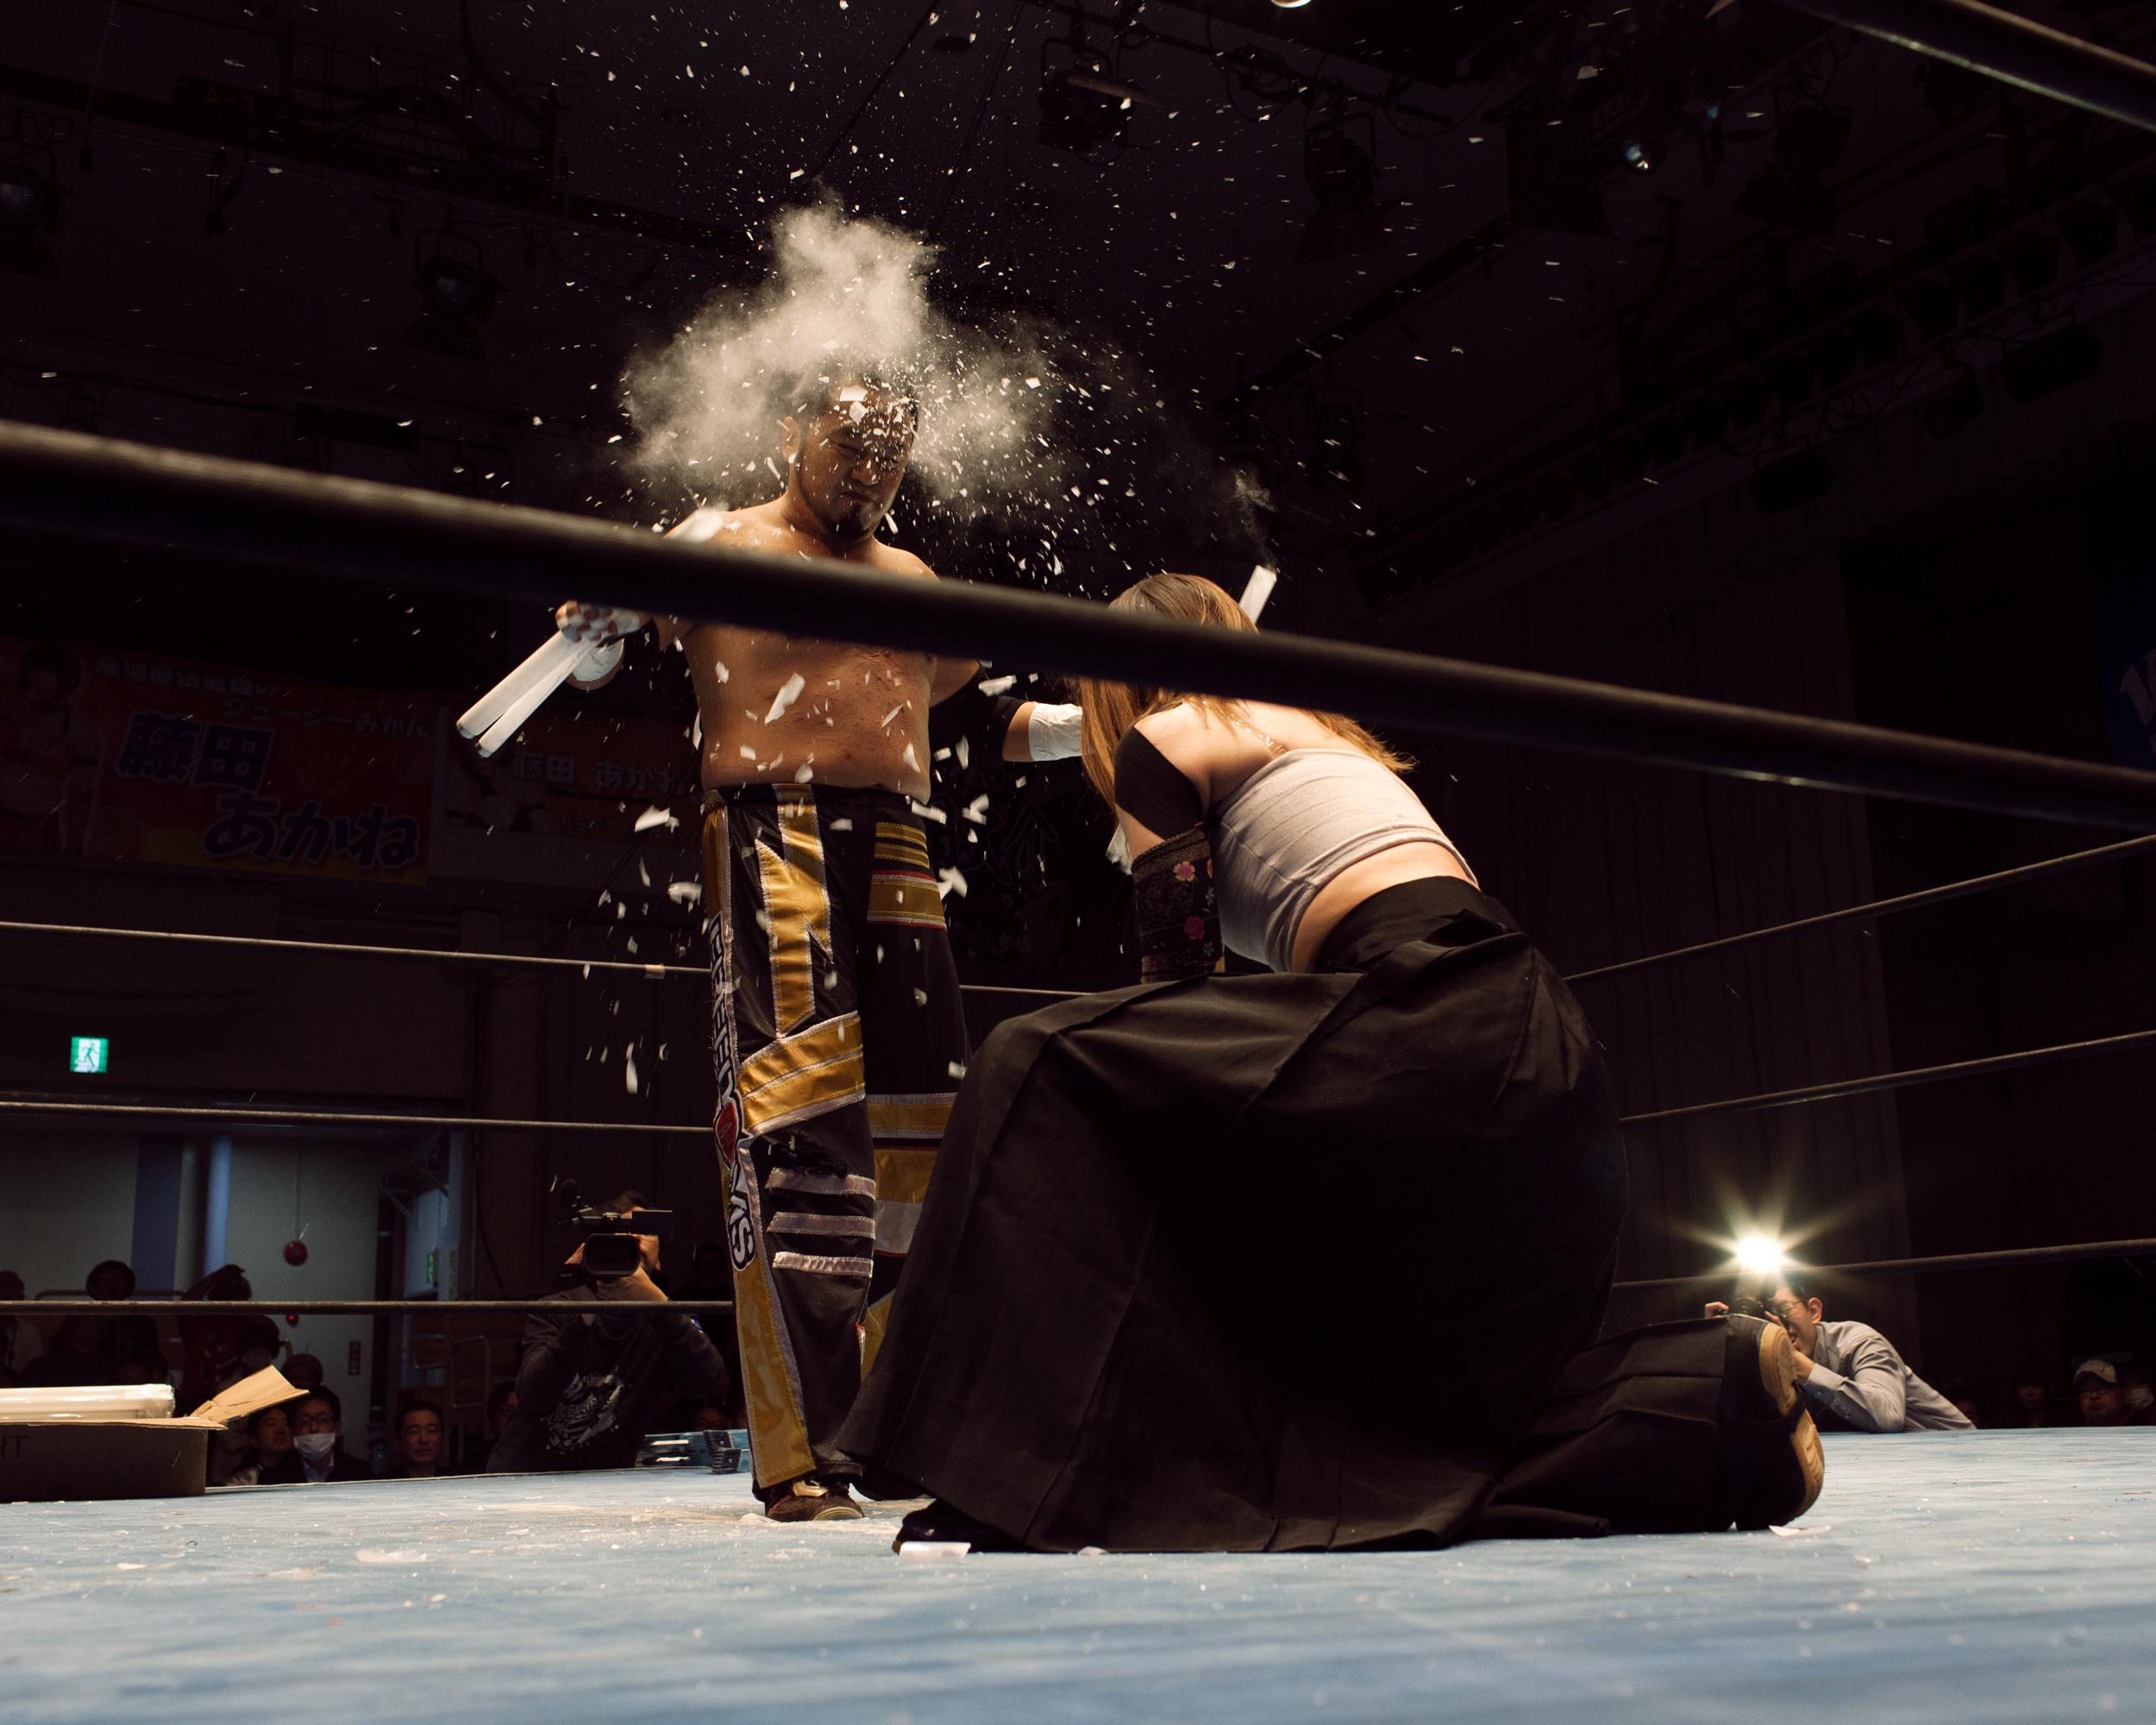 japan-deathmatch-final-0573.jpg